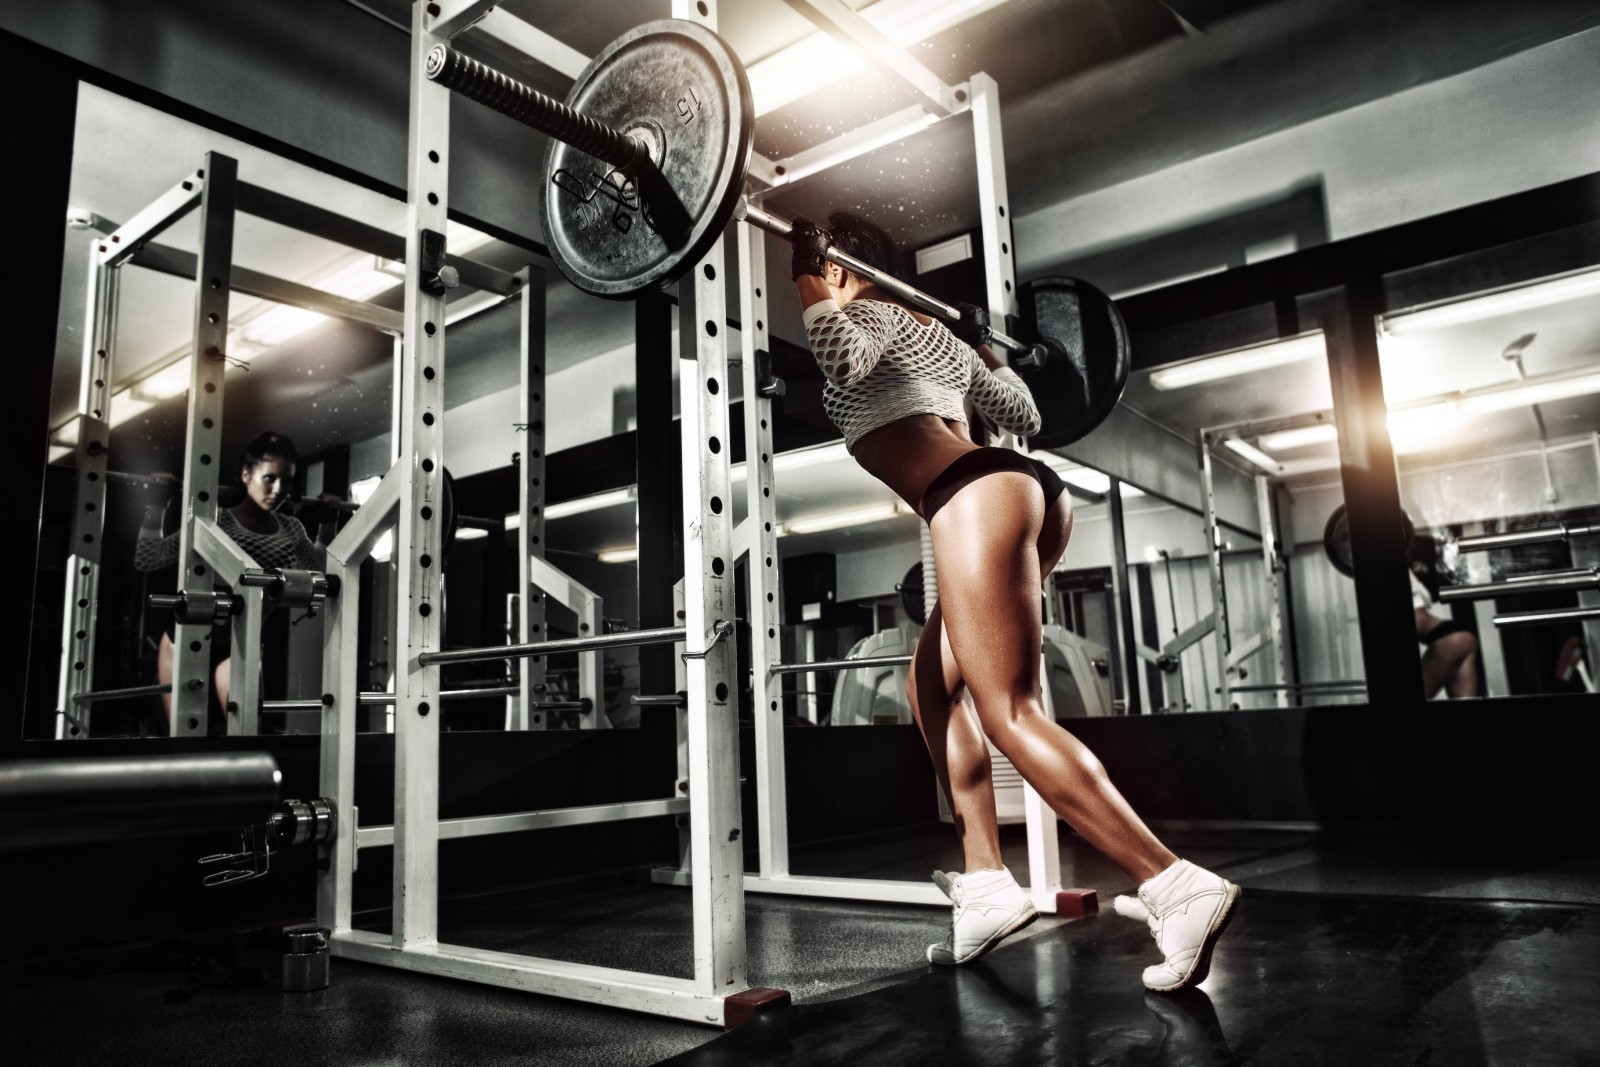 13 мифов о фитнесе и тренировках. популярные заблуждения о силовом спорте